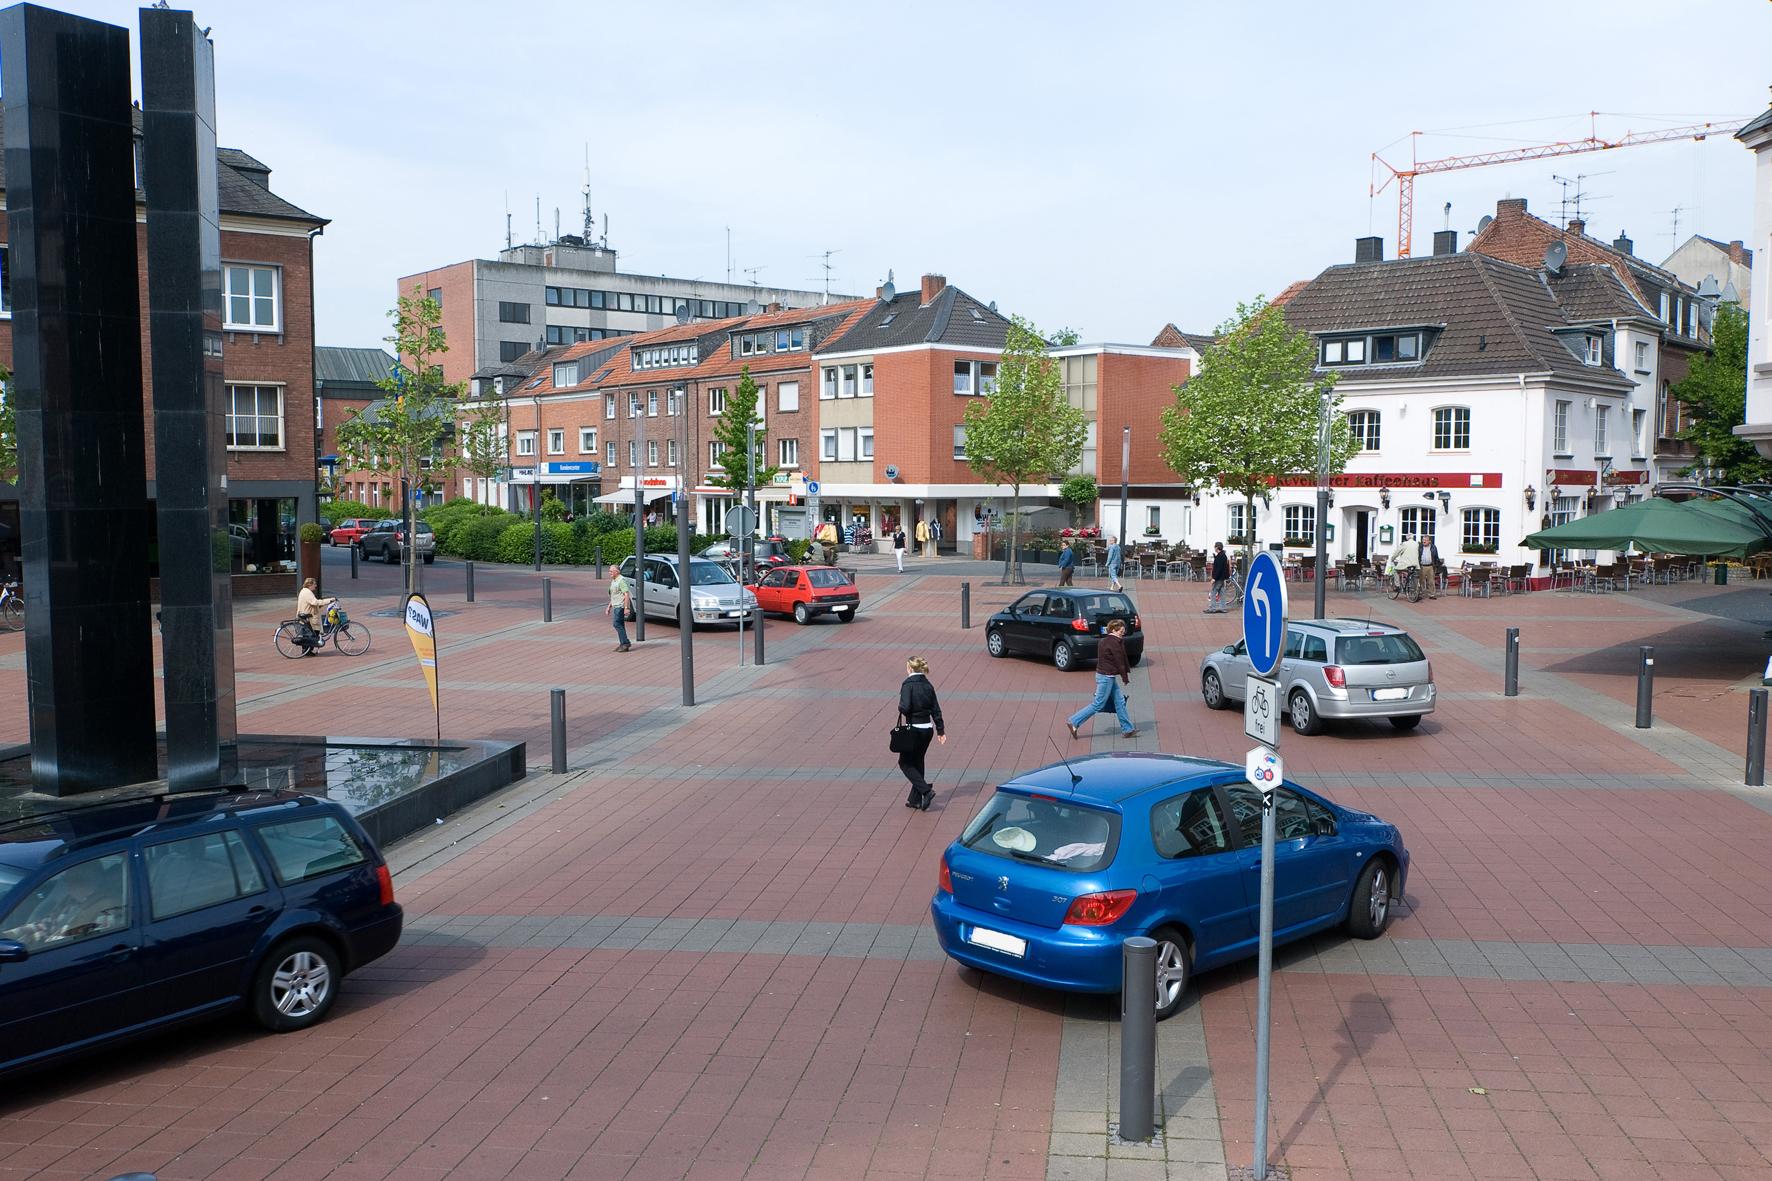 mid Düsseldorf - Ob Parkinson-Patienten trotz ihrer Krankheit noch Autofahren können und sollten muss im Einzelfall entschieden werden. Es gibt keine allgemein gültigen Richtlinien.